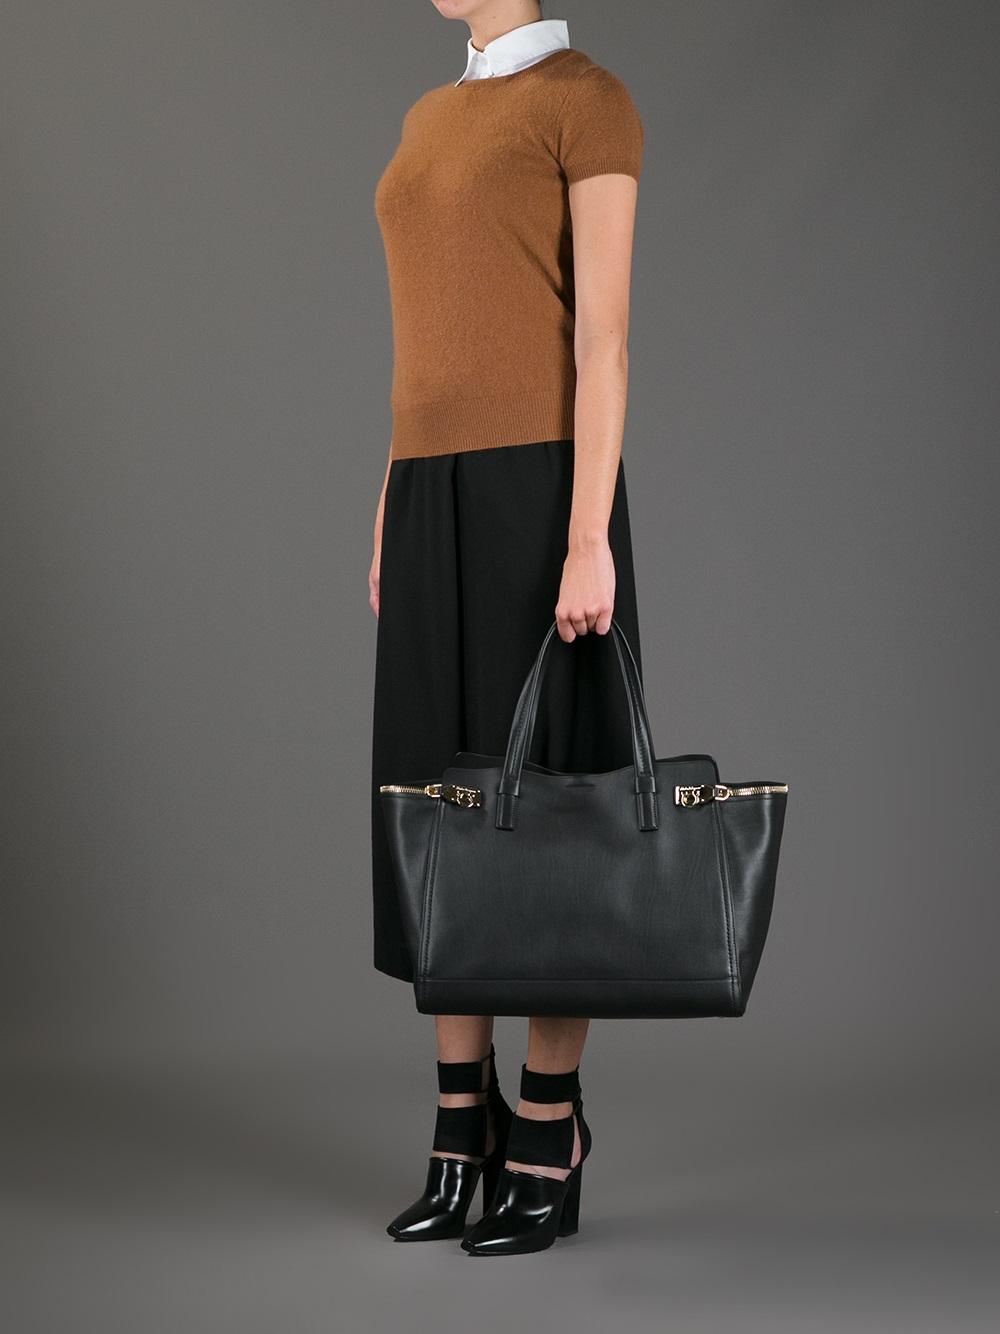 Ferragamo Verve Shopper Tote in Black